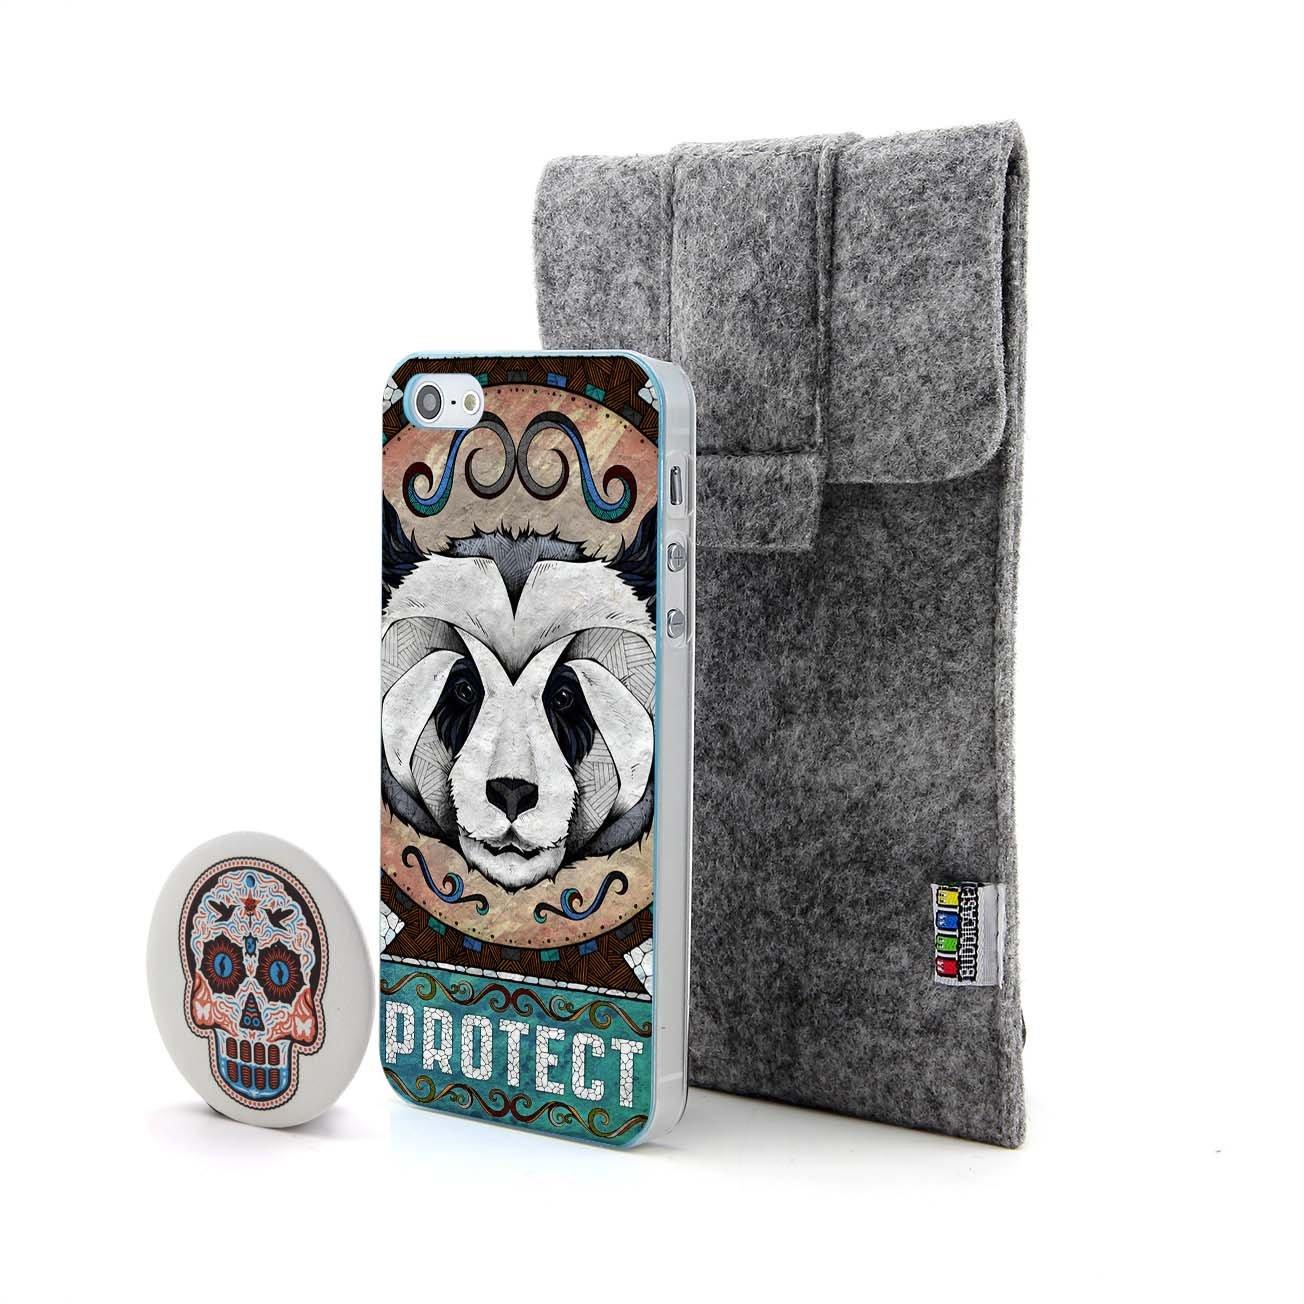 熊猫和保护 字母3d动物浮雕设计风格 塑料硬手机壳 手机套 适用于